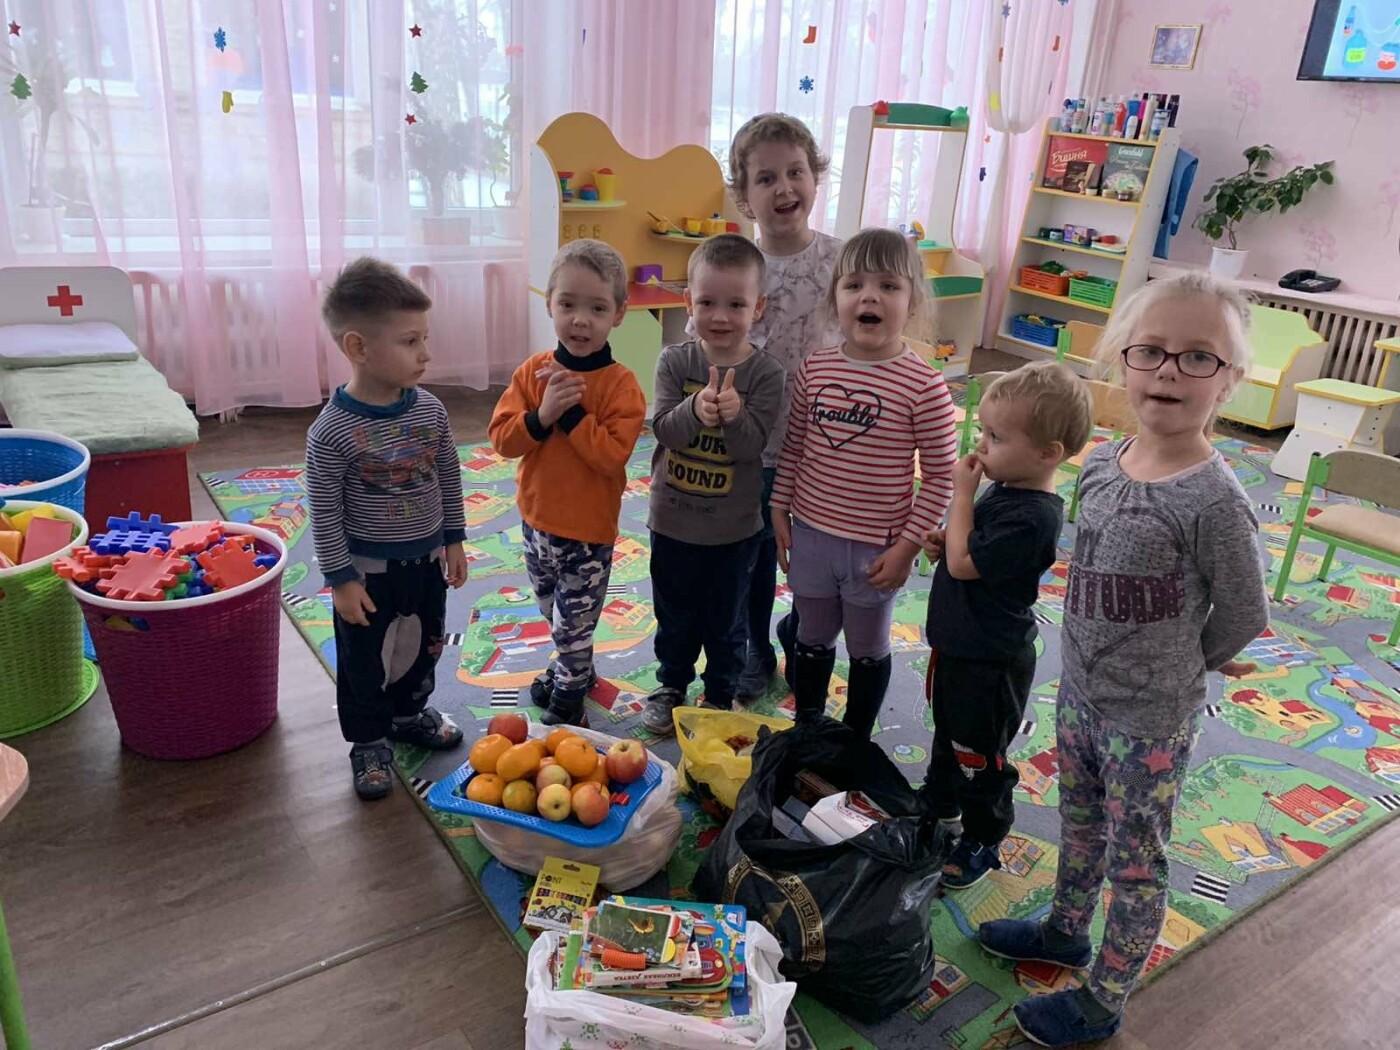 Акция добра: школьники поздравили малышей с Днём Святого Николая, фото-6